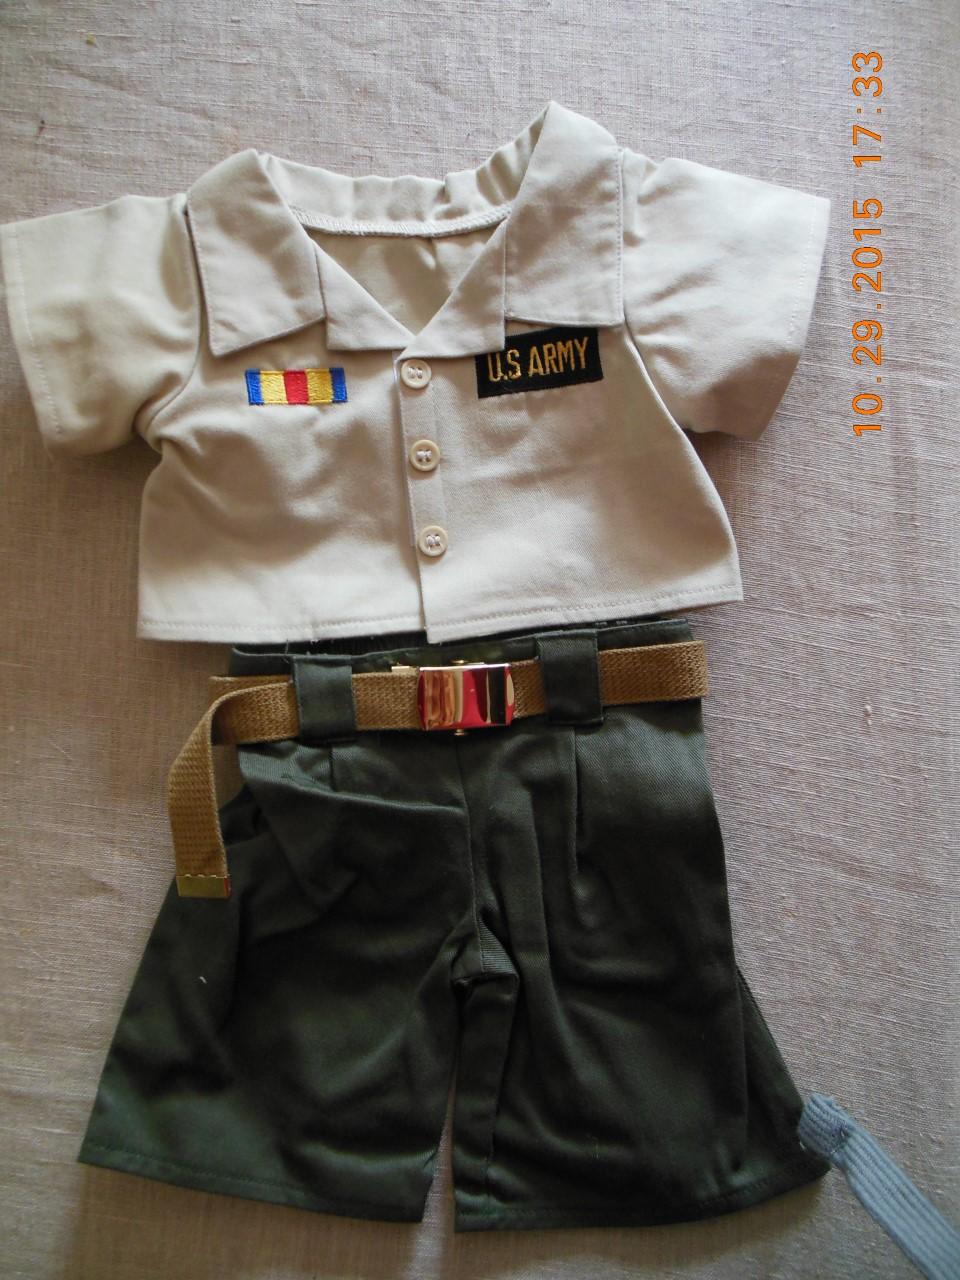 14-16 inch U.S. Army Uniform